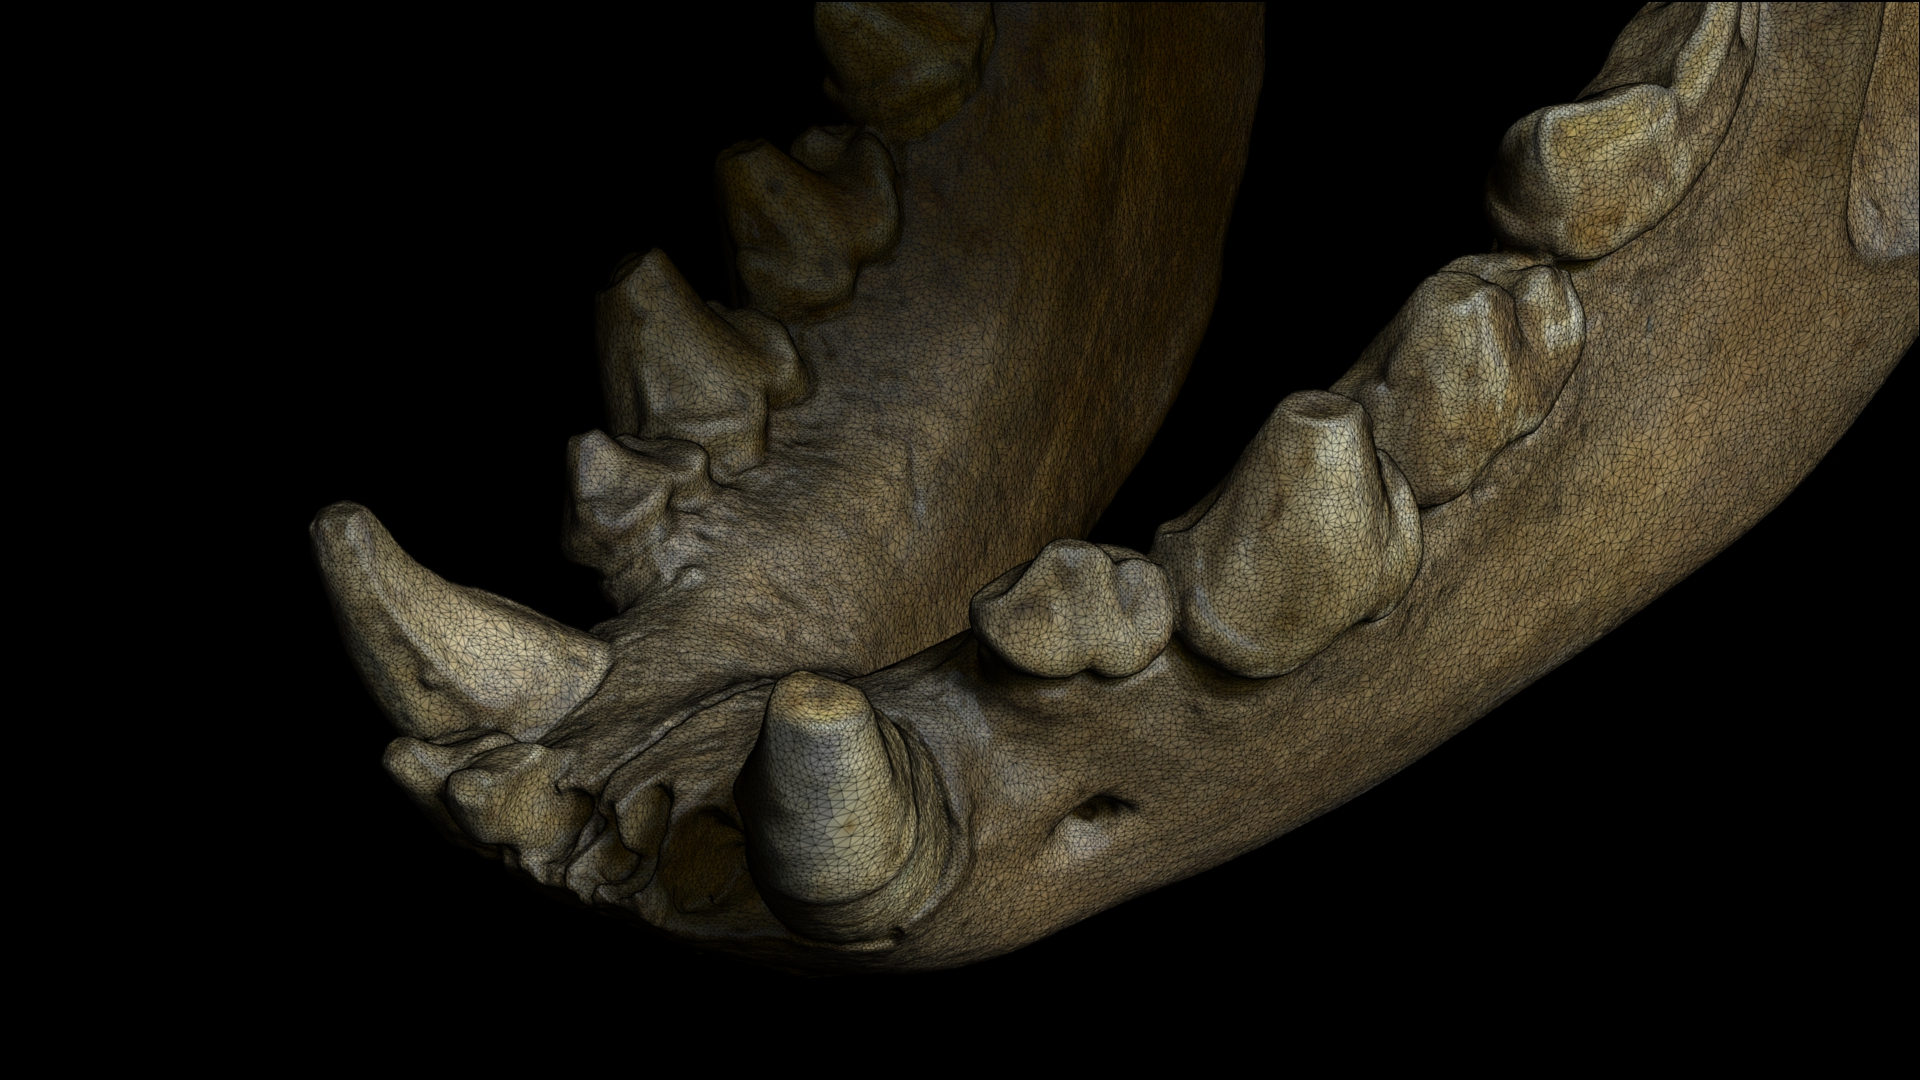 Numérisation 3D _ Scanning 3D _ Mandibule de Hyène